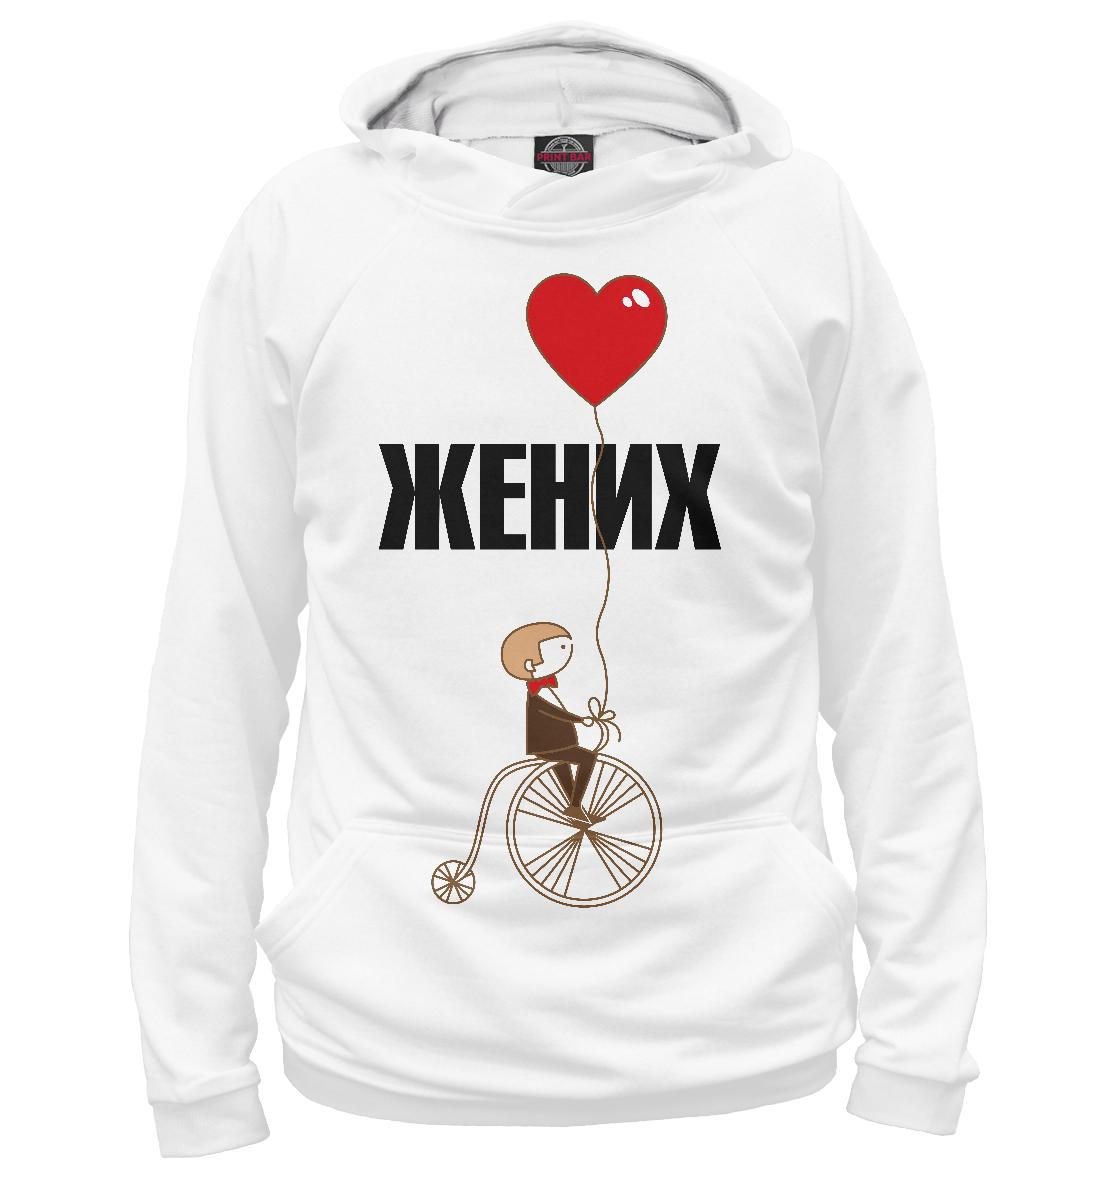 Купить Жених на велосипеде, Printbar, Худи, SVD-259326-hud-1